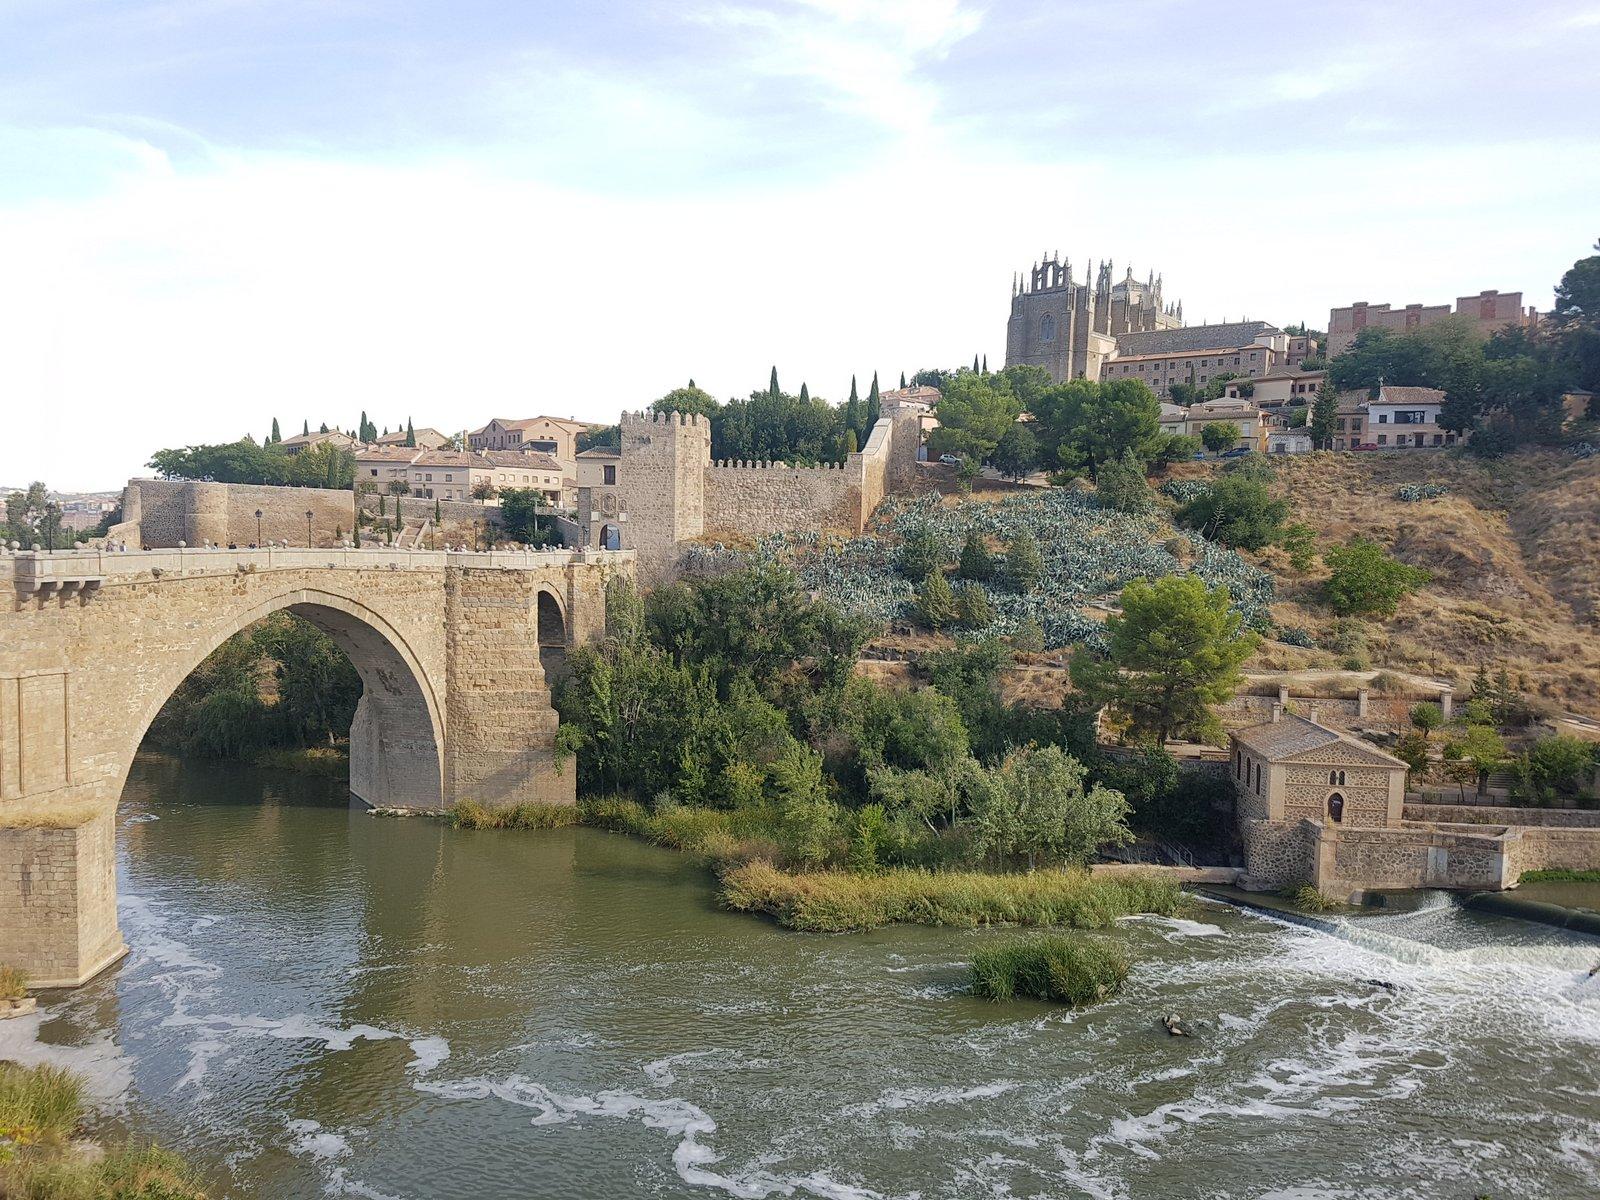 טולדו, מדריד, המלצות, טיפים, מדריך, Madrid